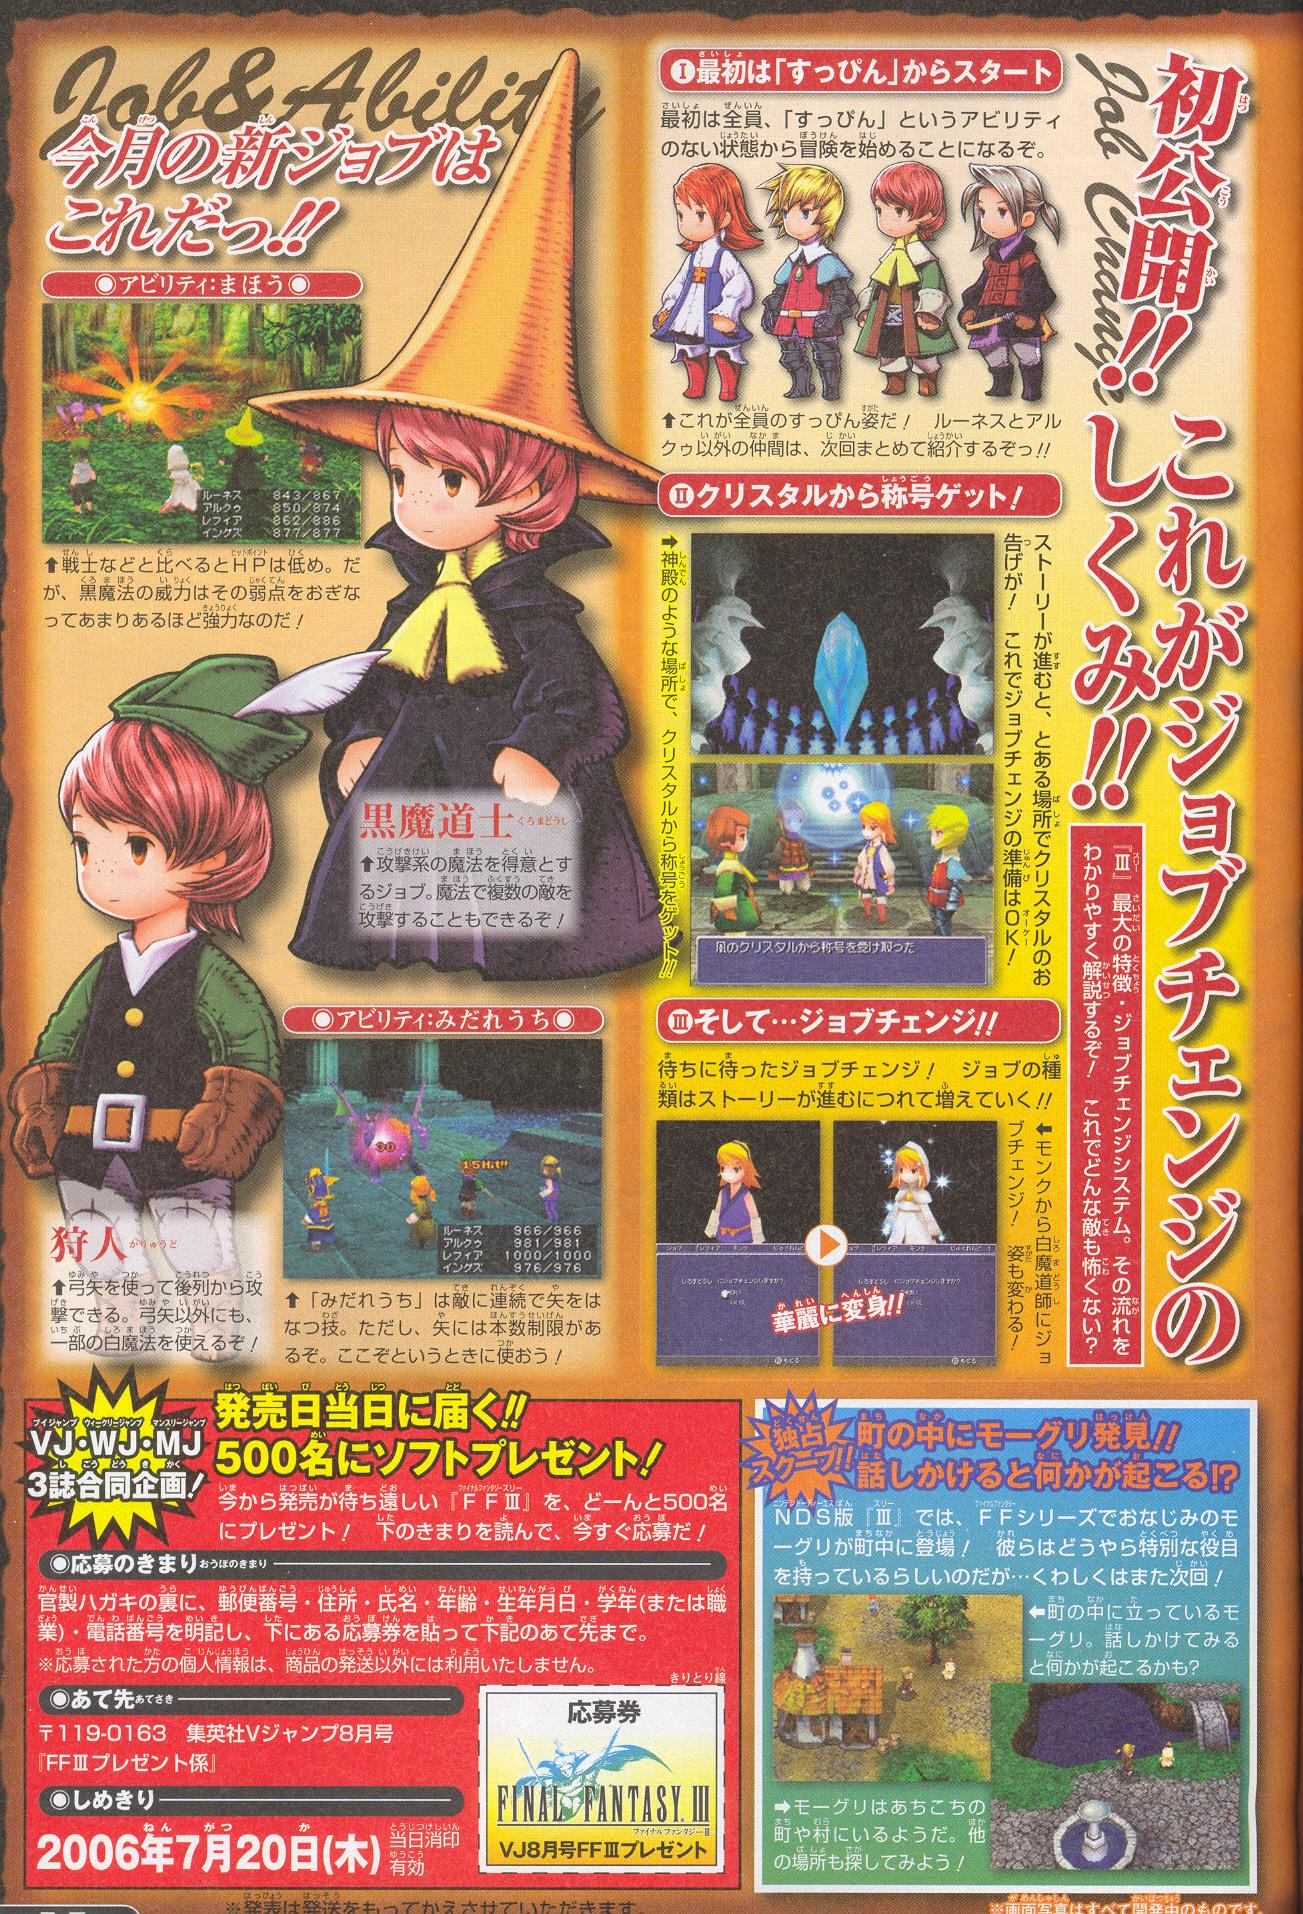 Final Fantasy III: Nouveaux scans (Edit)